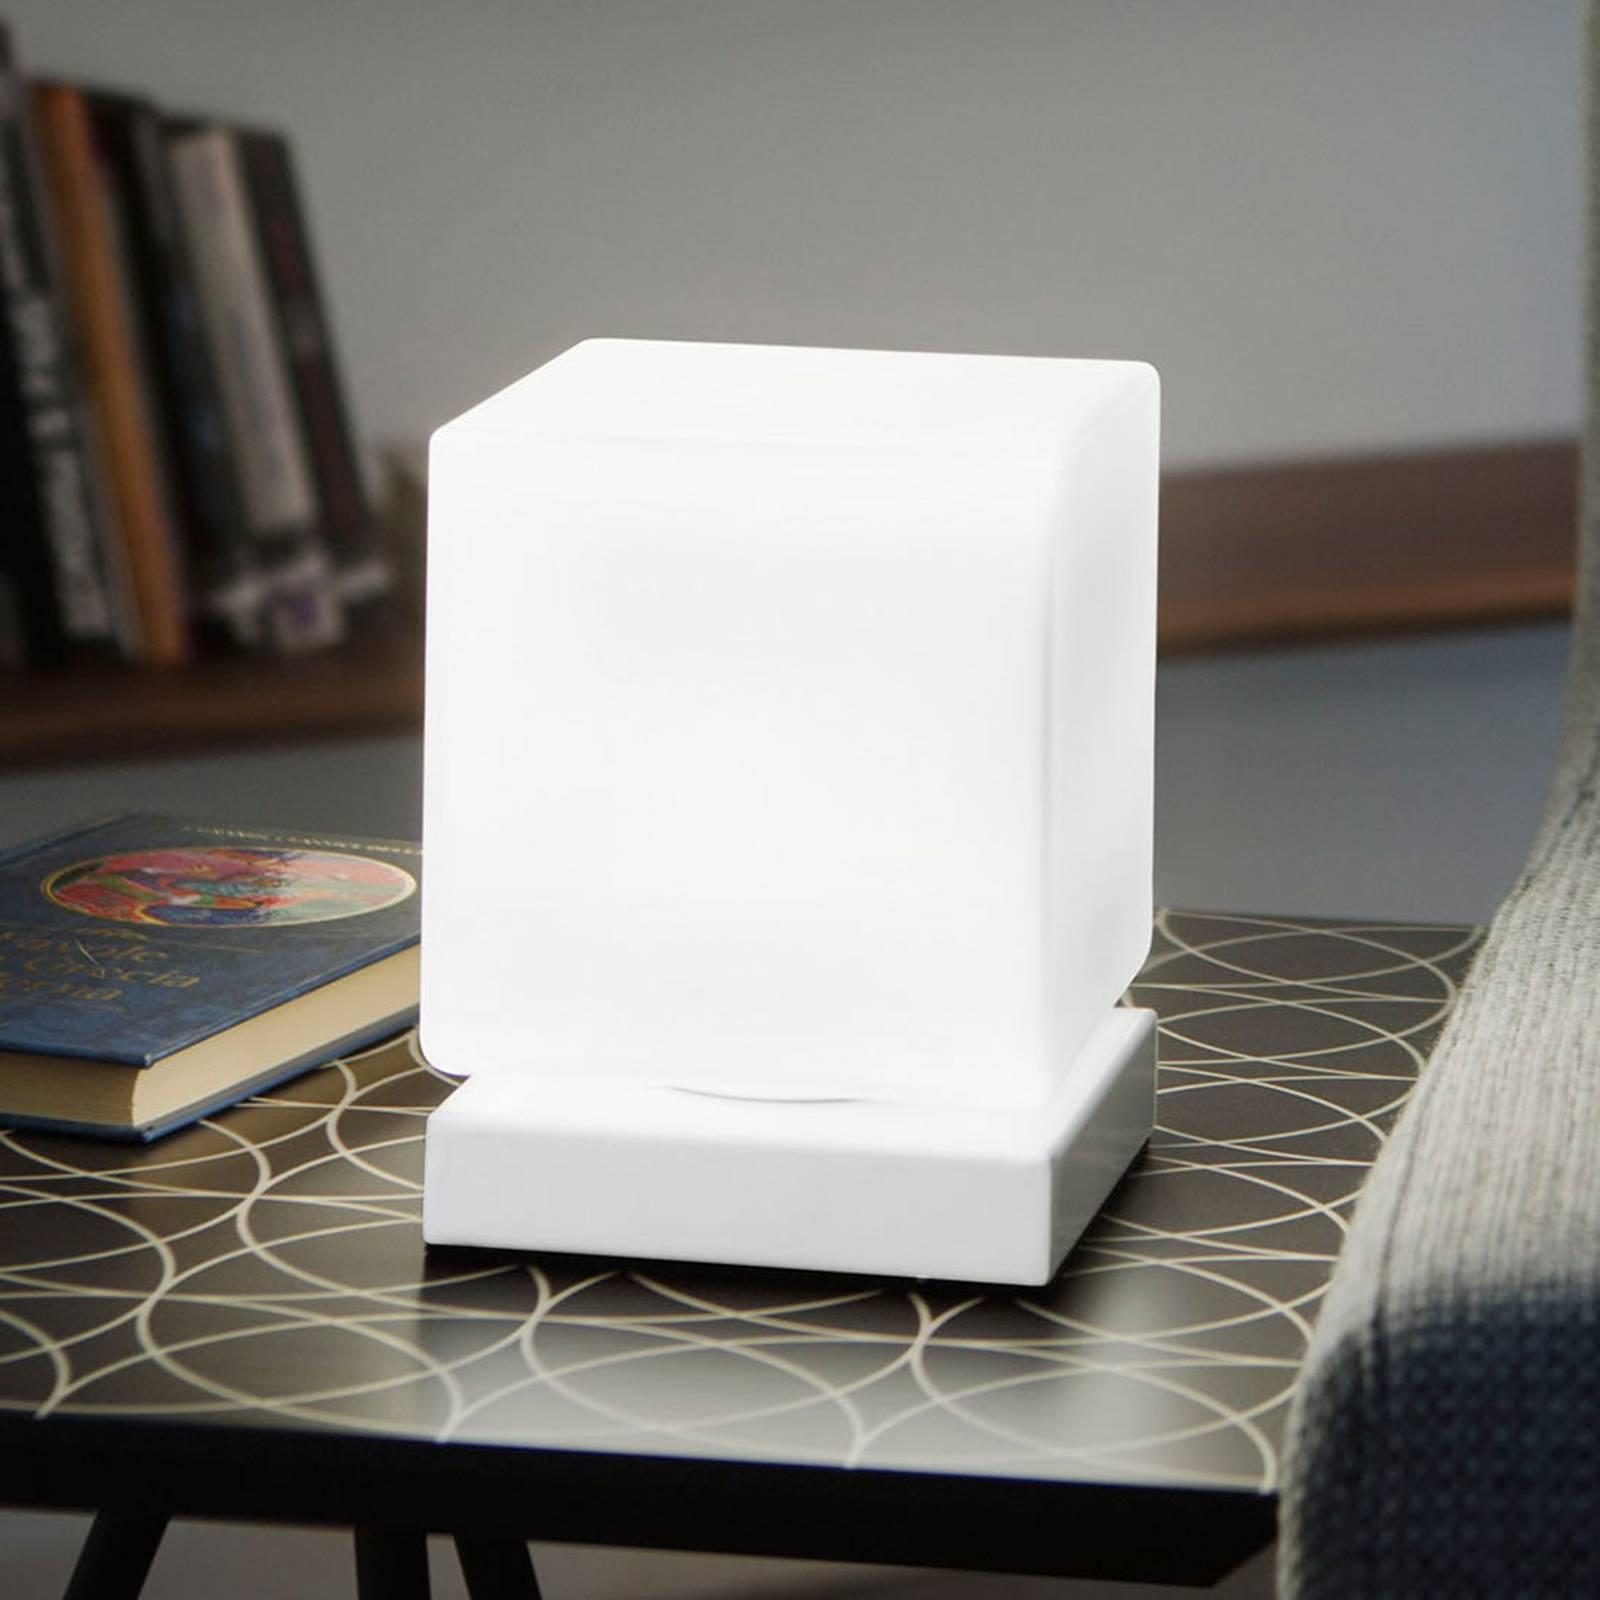 Kosketushimmennin LED-pöytälamppu Brenta valkoinen